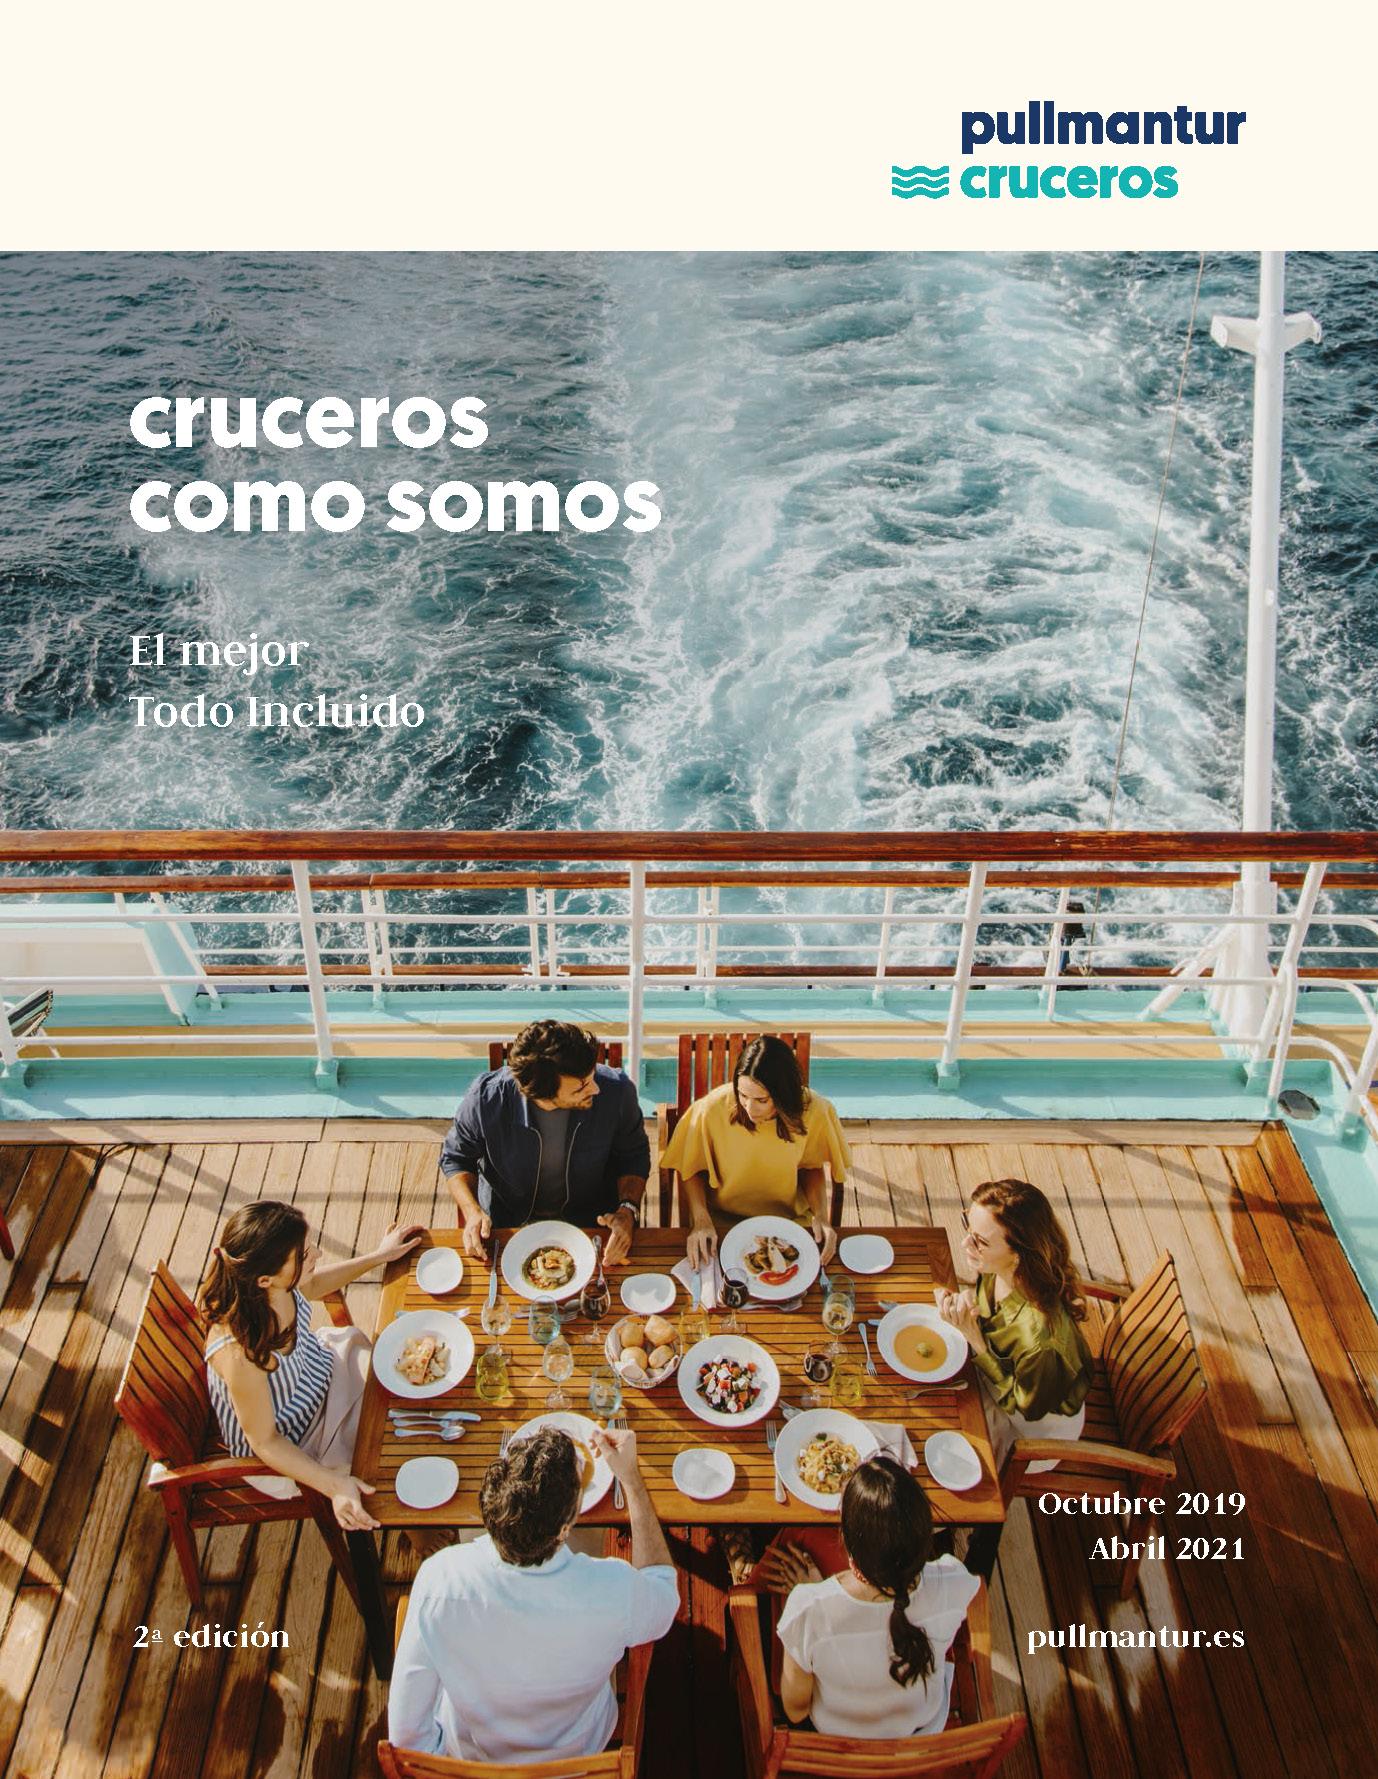 Catalogo Pullmantur Cruceros Maritimos 2019-2021